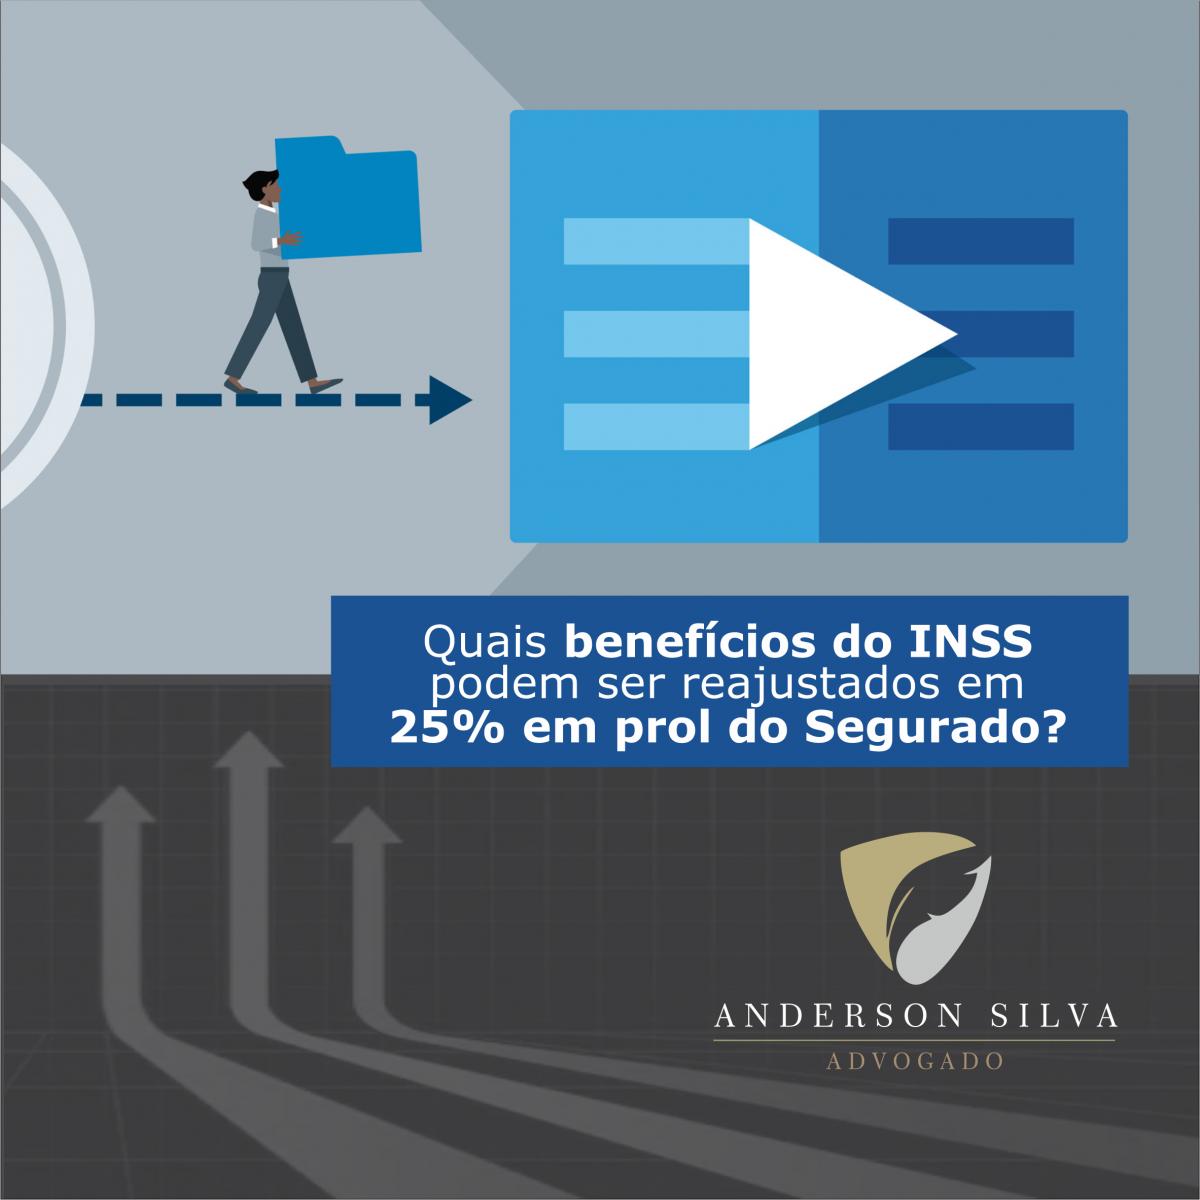 Benefícios do INSS reajustados